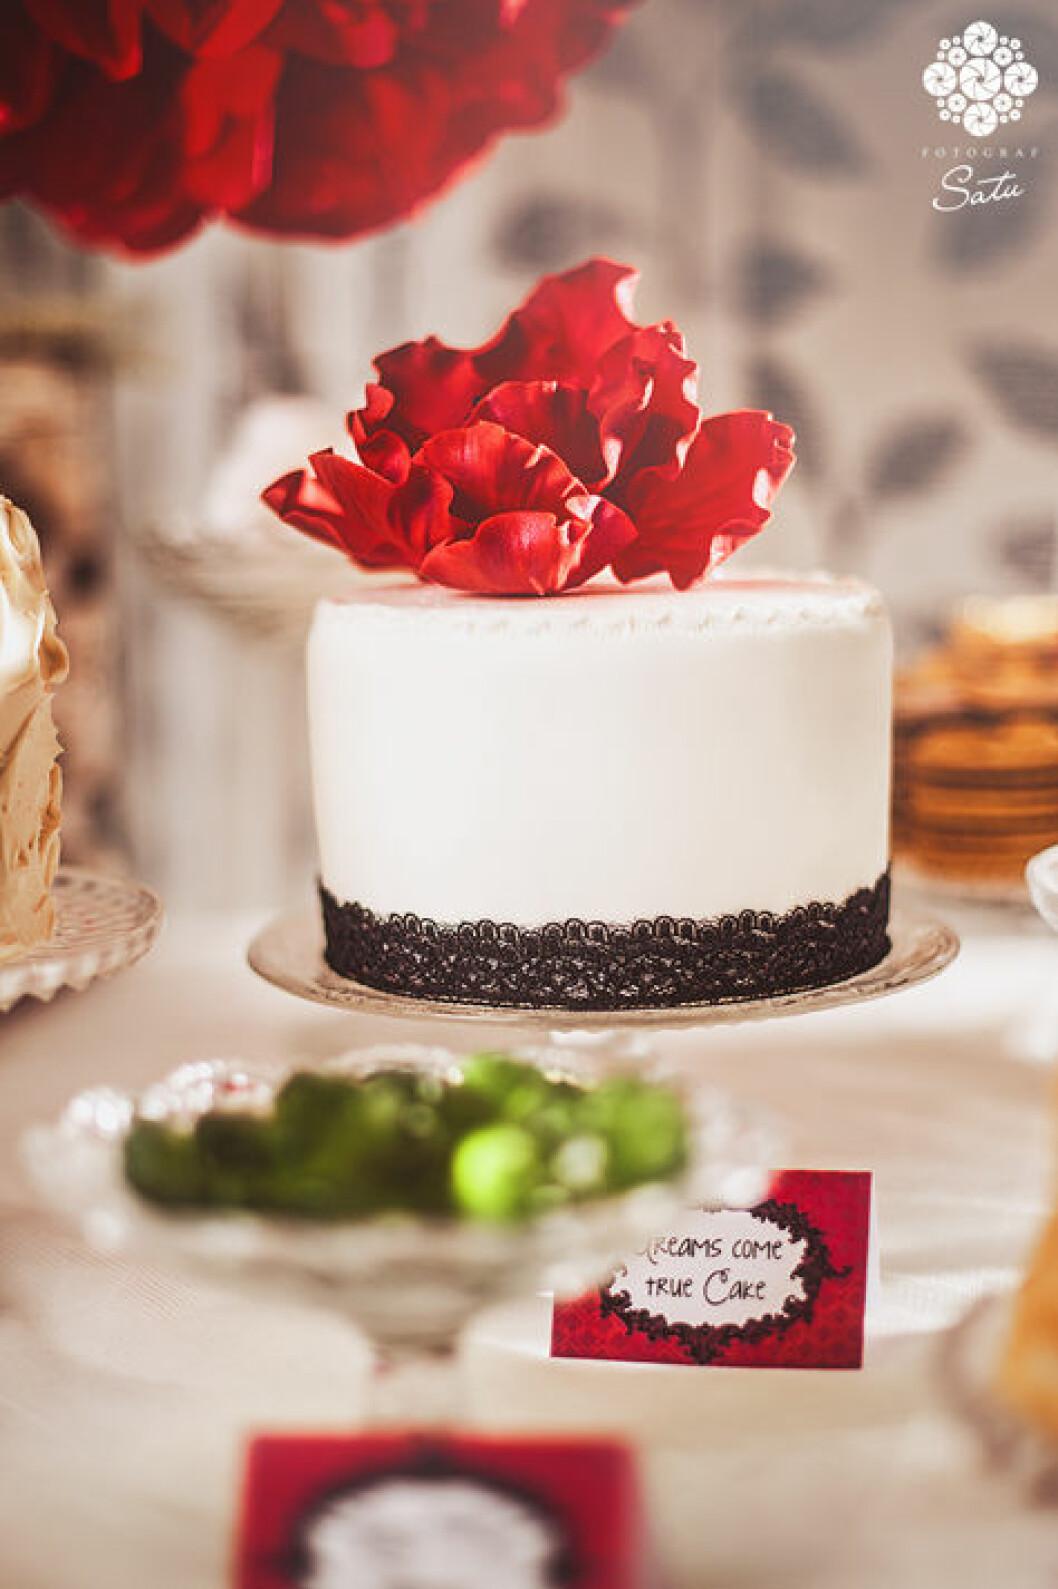 chokladbollstårta födelsedagskalas